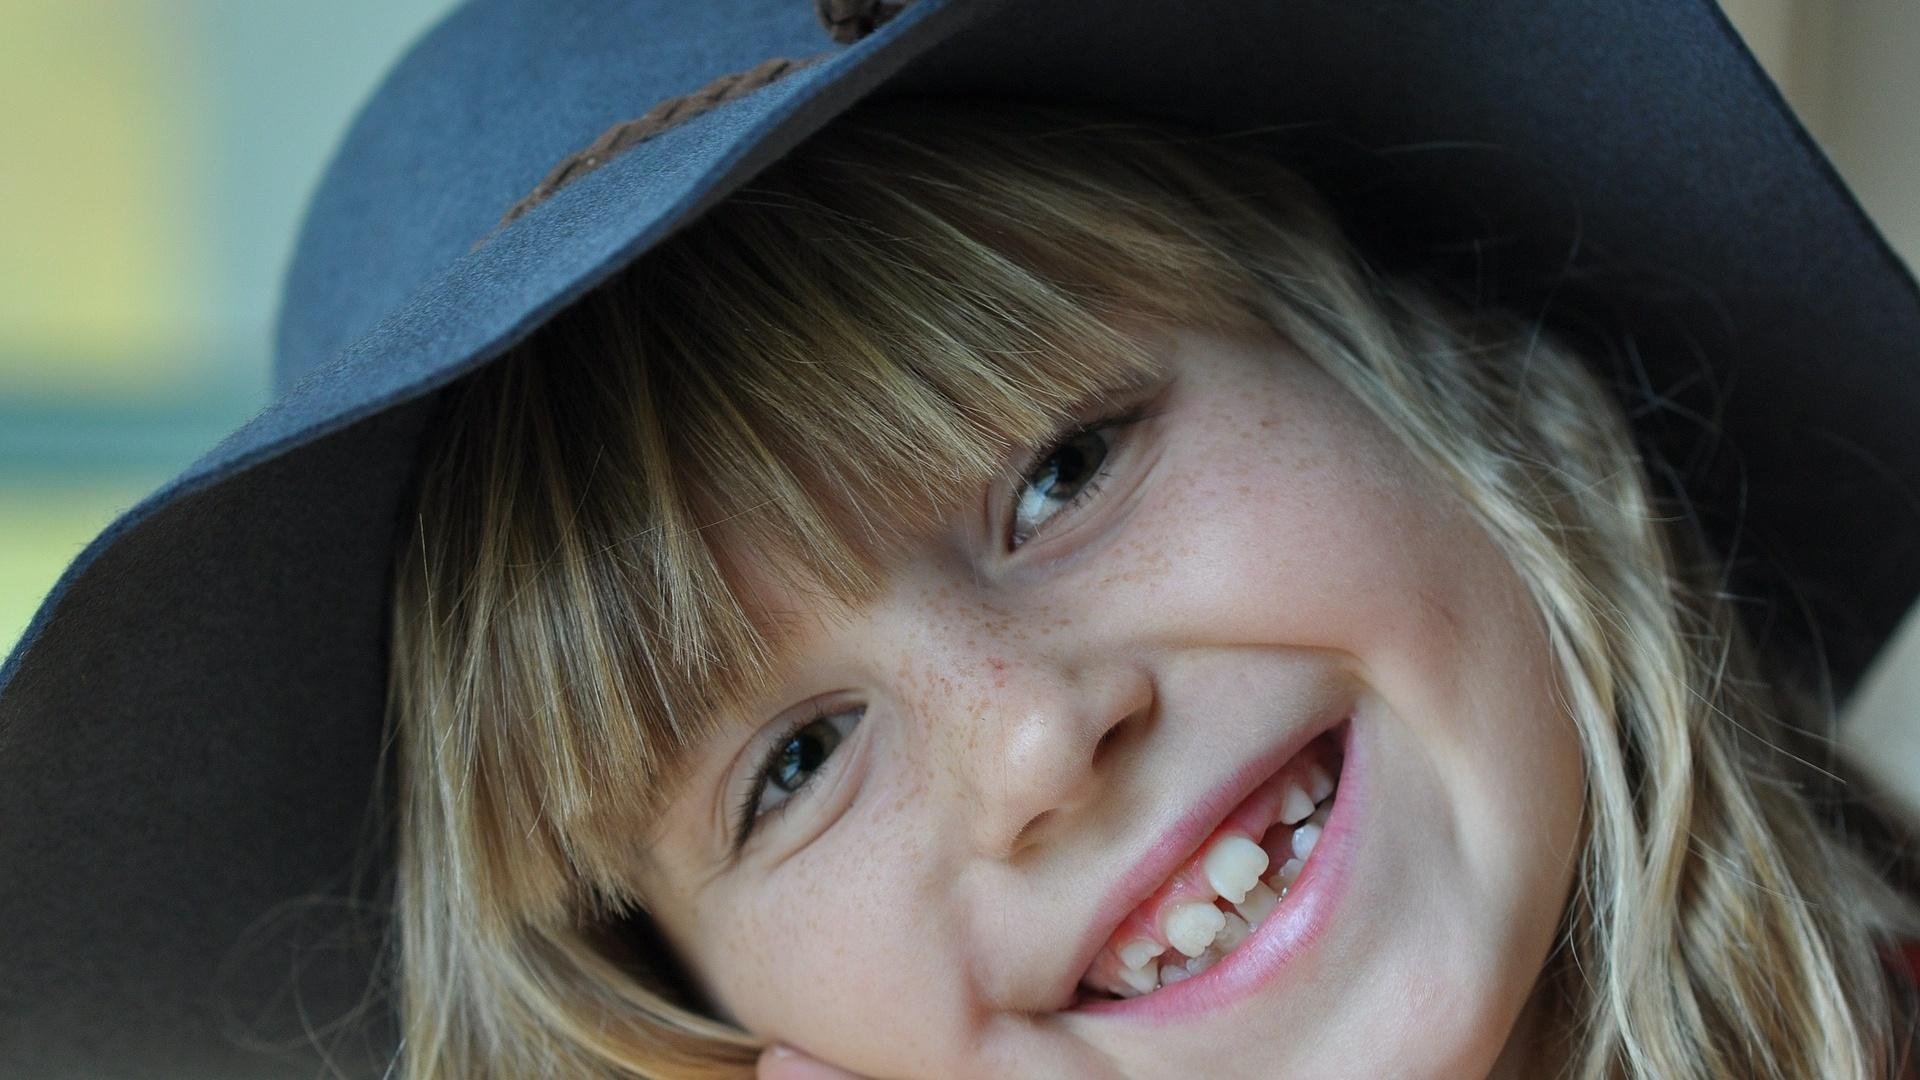 Der Zahnwechsel beim Kind sollte problemlos erfolgen.